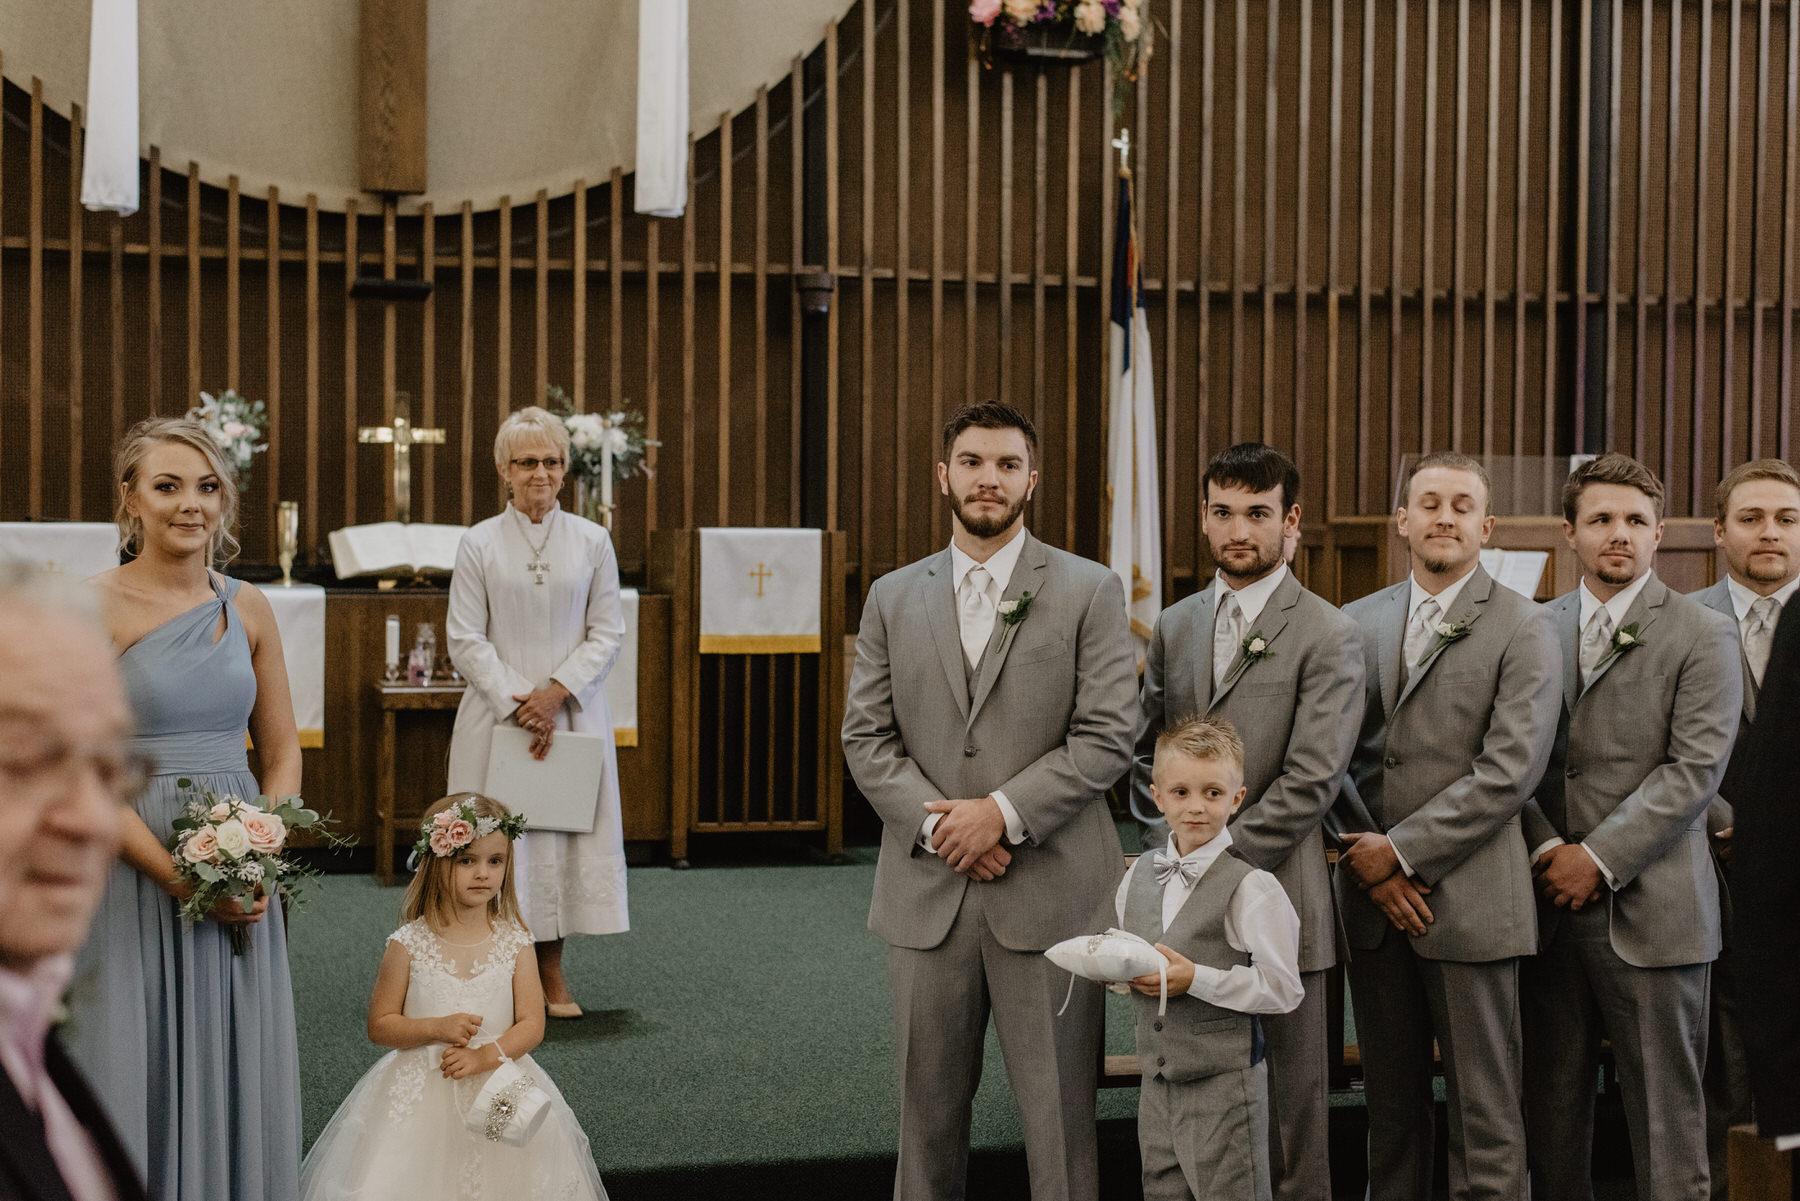 Kaylie-Sirek-Photography-Kearney-Nebraska-Wedding-049.jpg